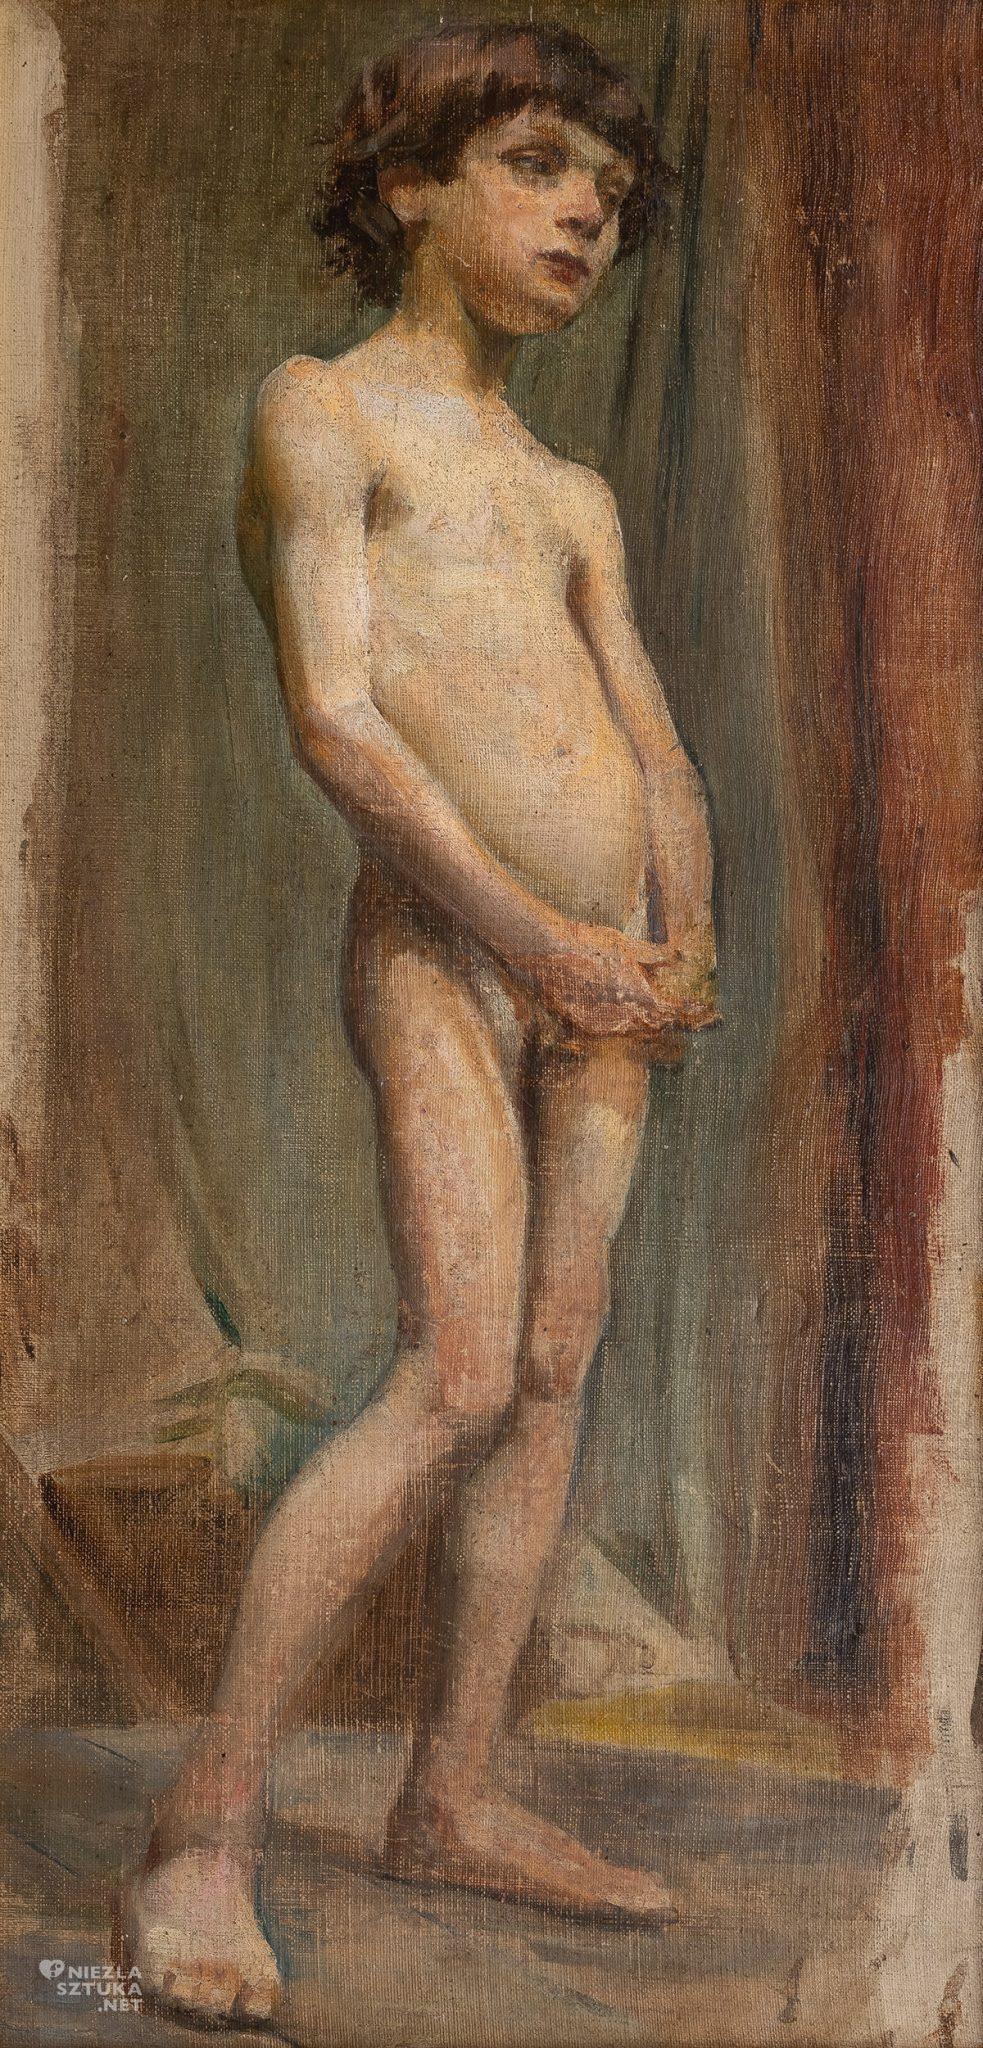 Stanisław Wyspiański, Akt chłopca, akt w sztuce, sztuka polska, malarstwo polskie, Niezła sztuka